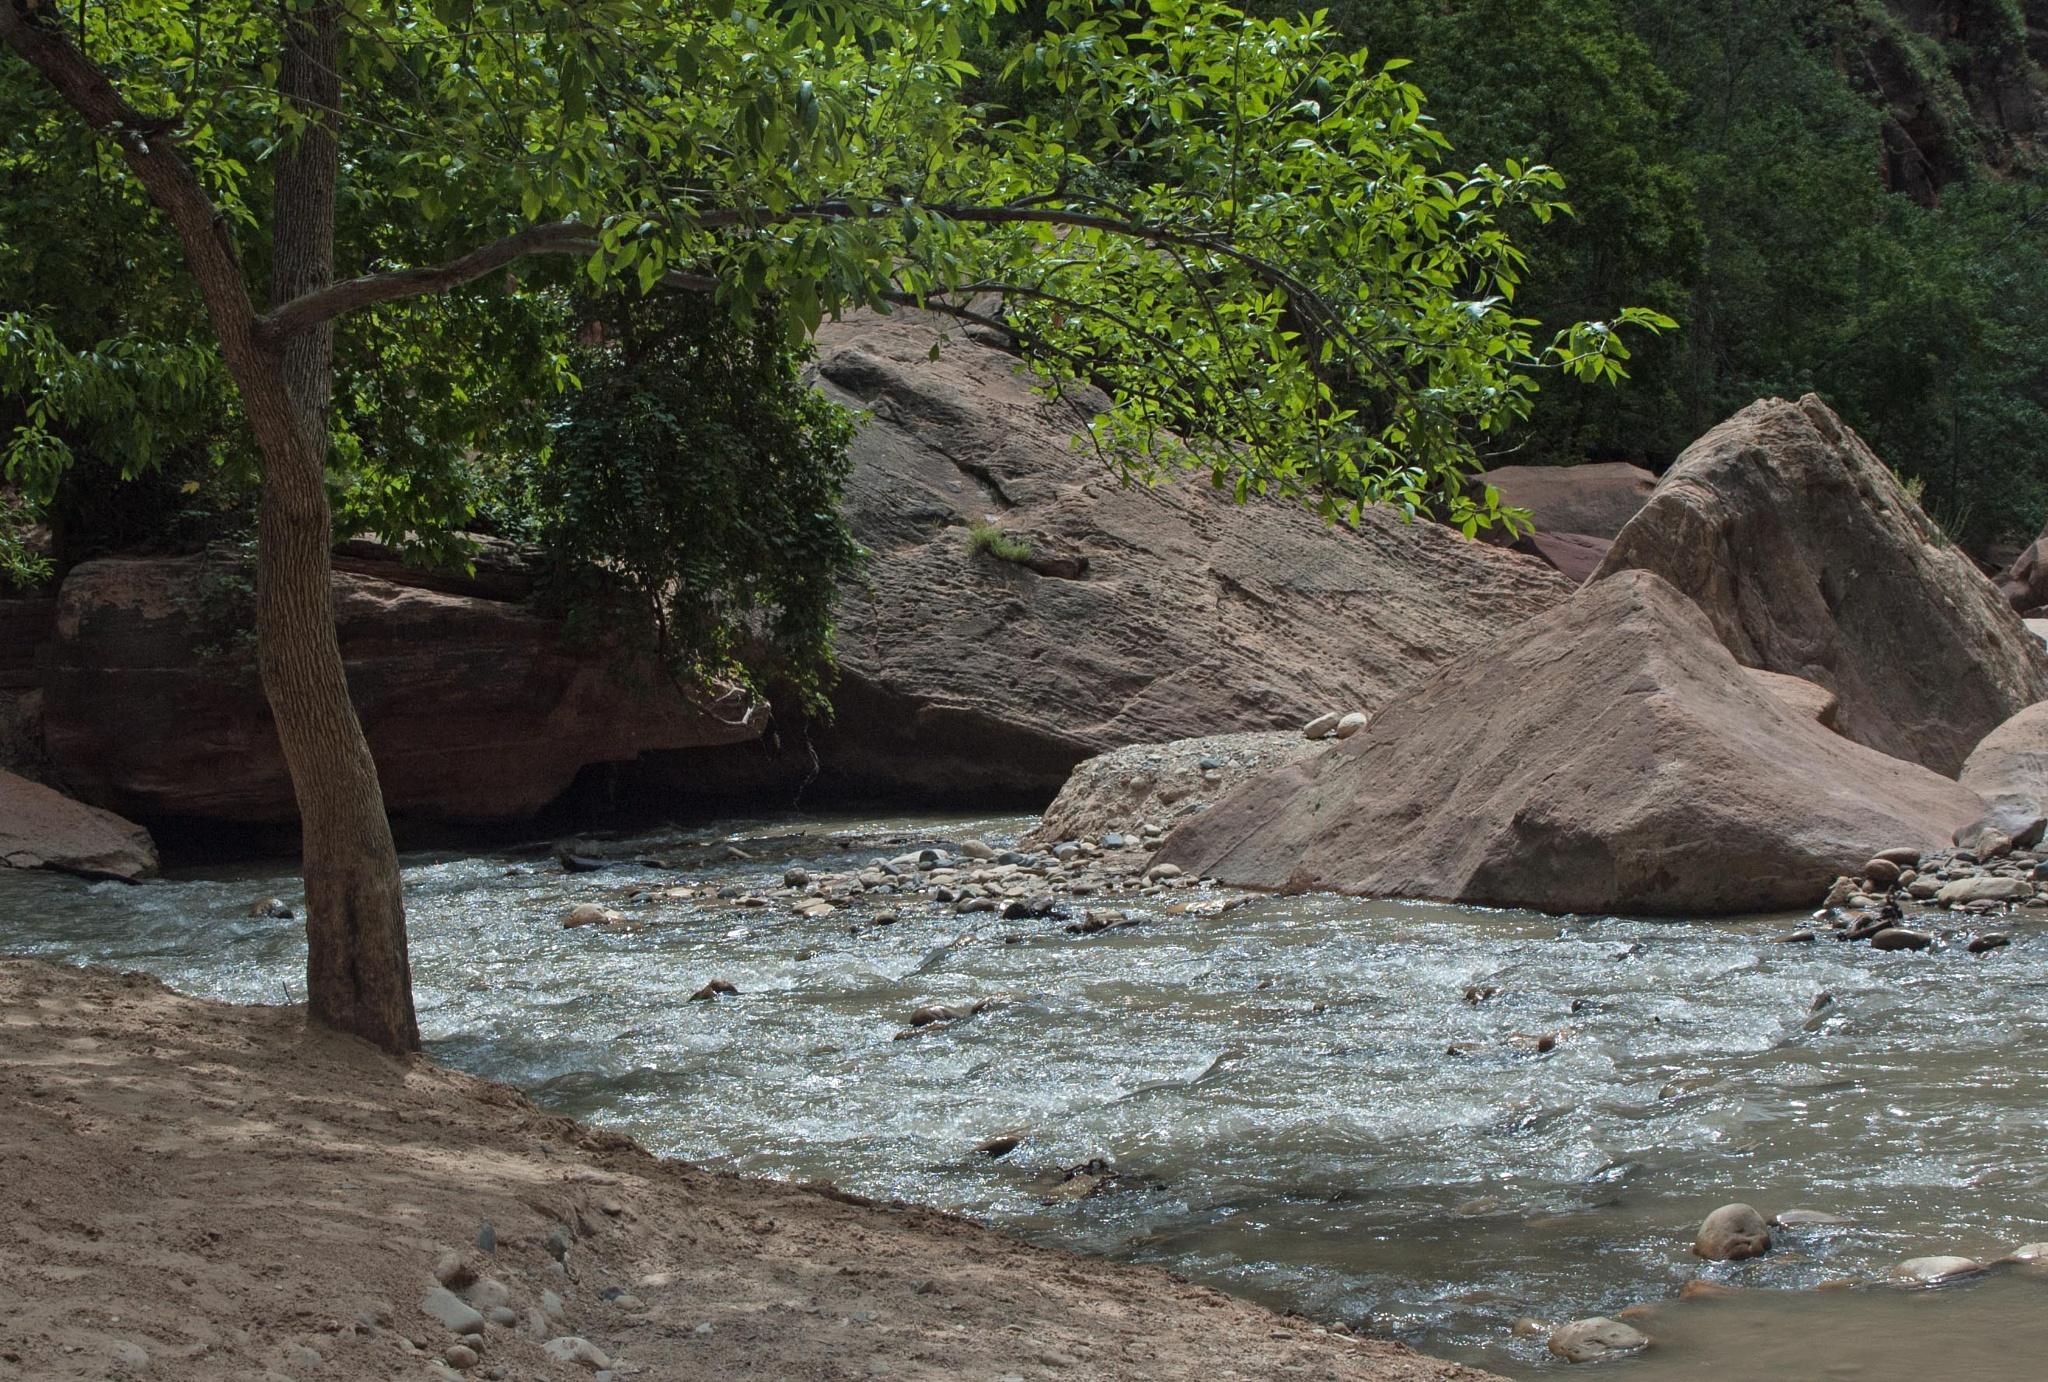 Rocks and Rapids by Brady Williams